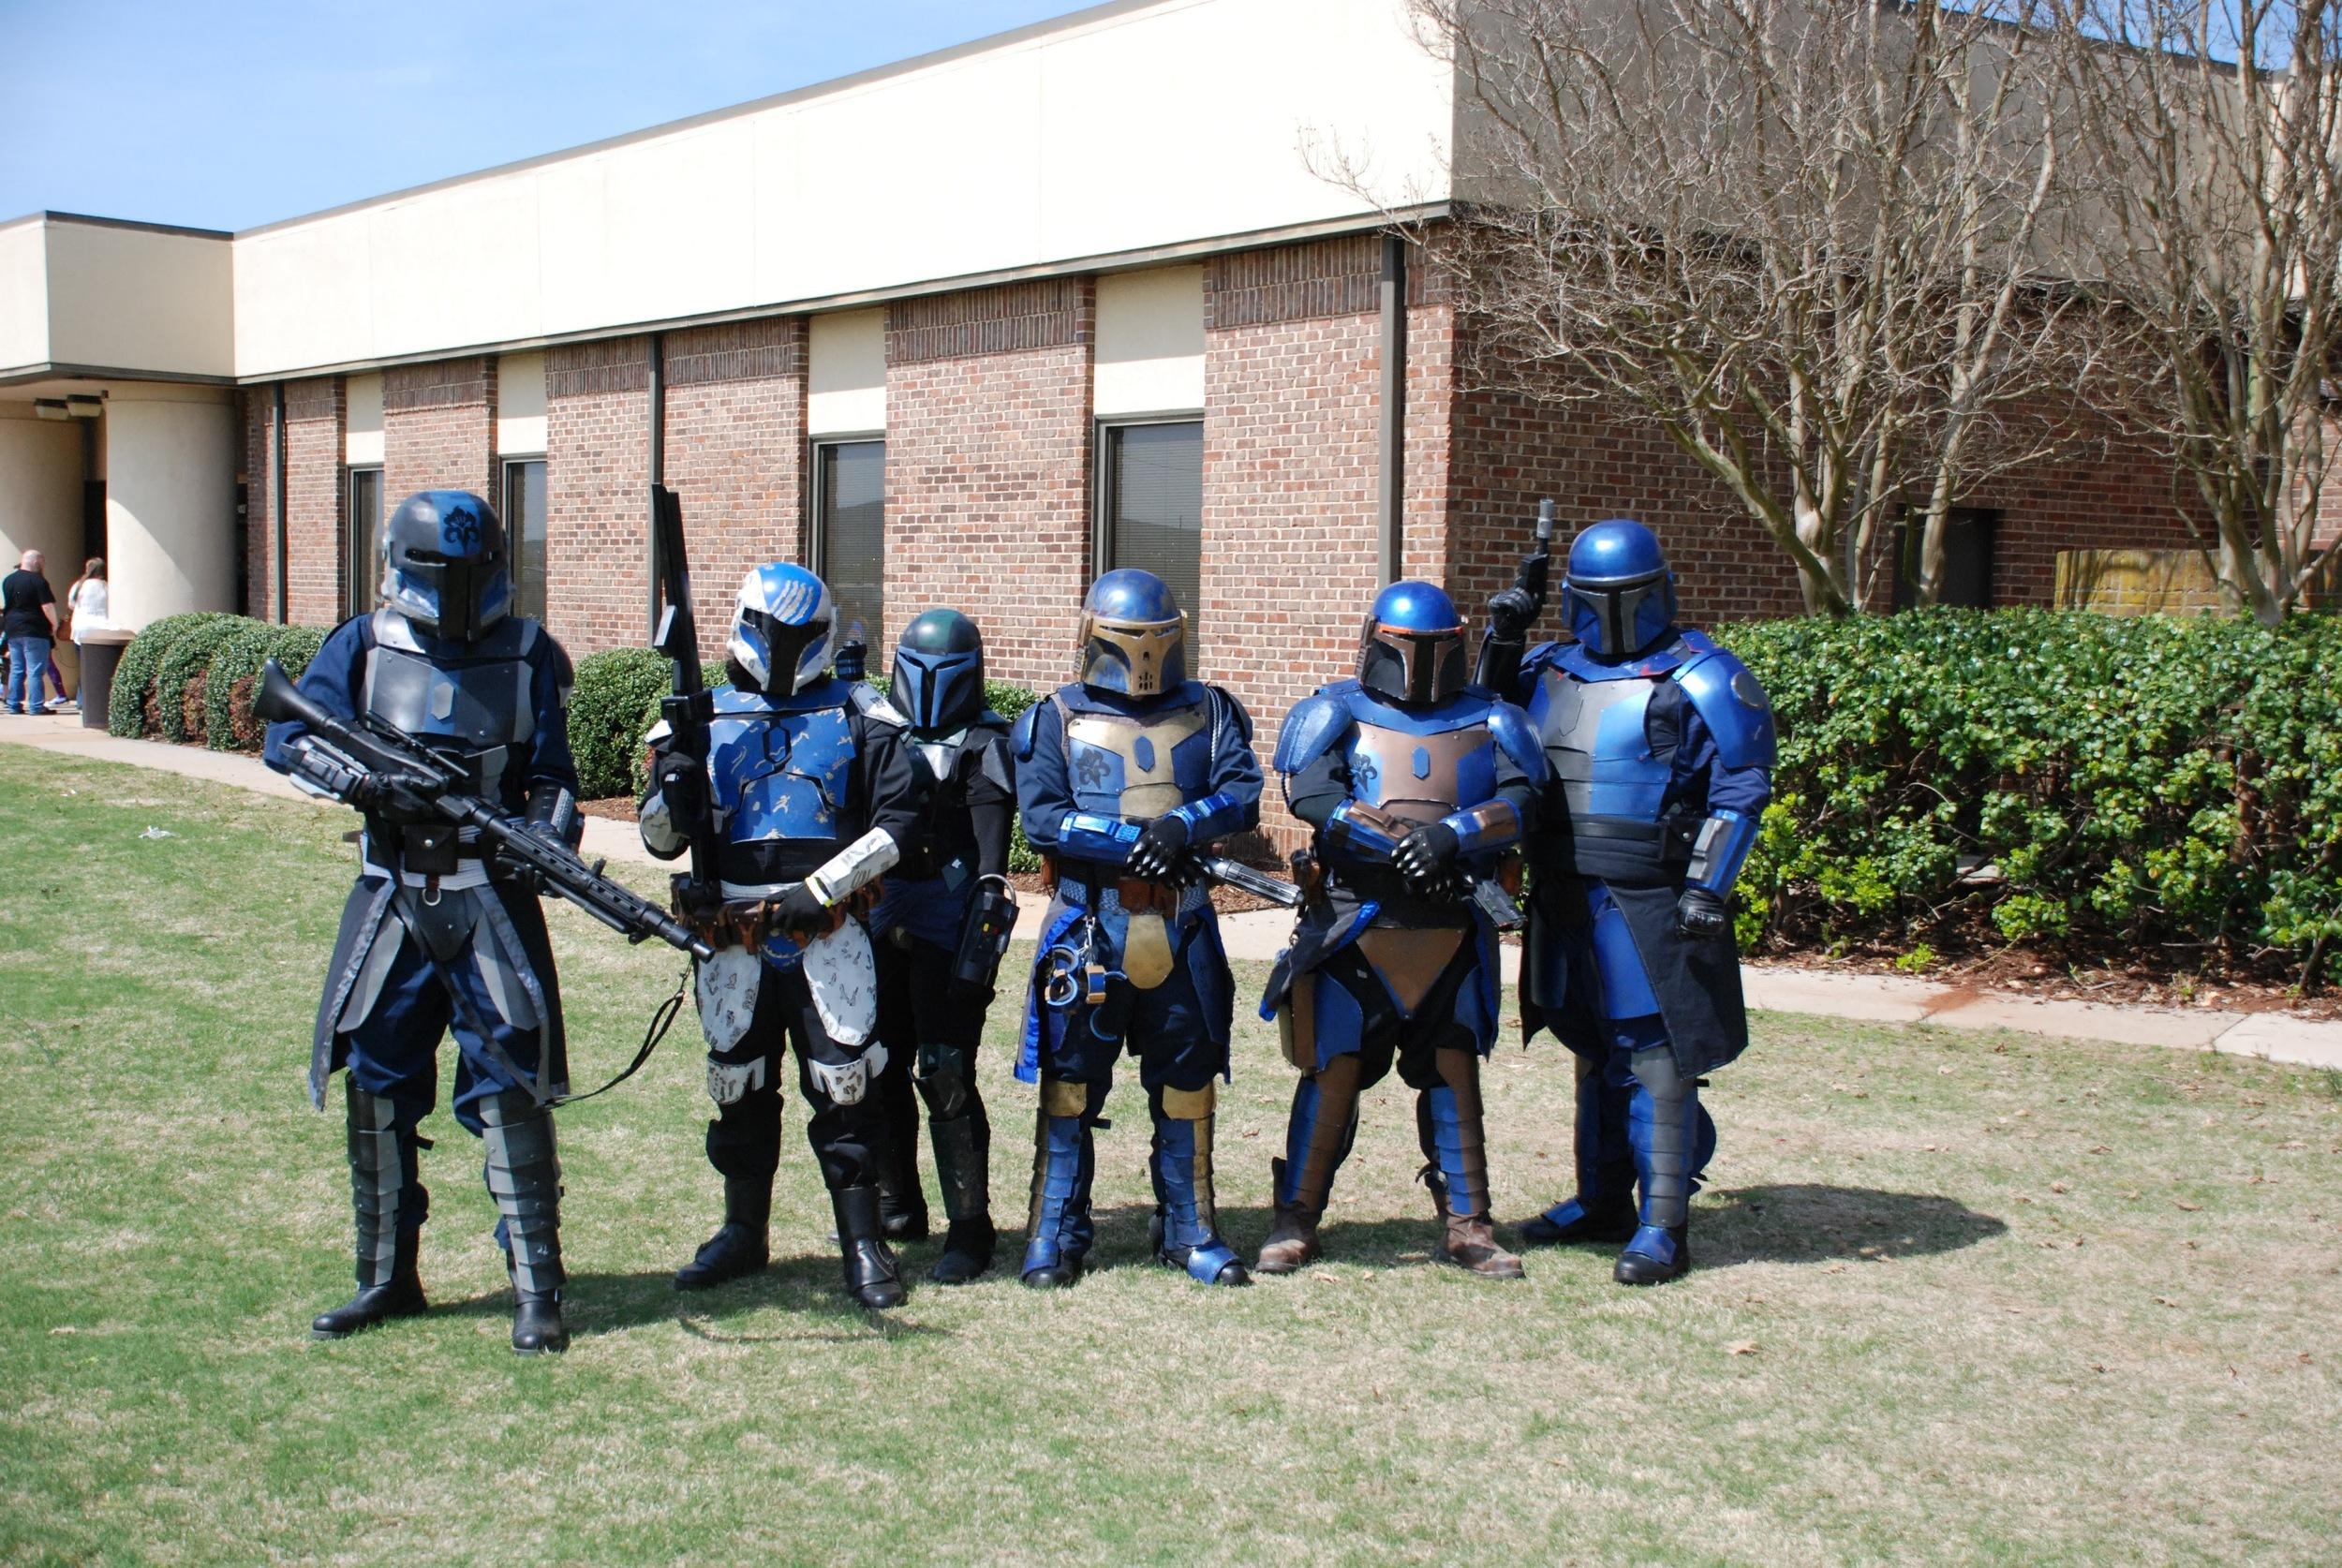 A Mandalorian patrol ambushes us!